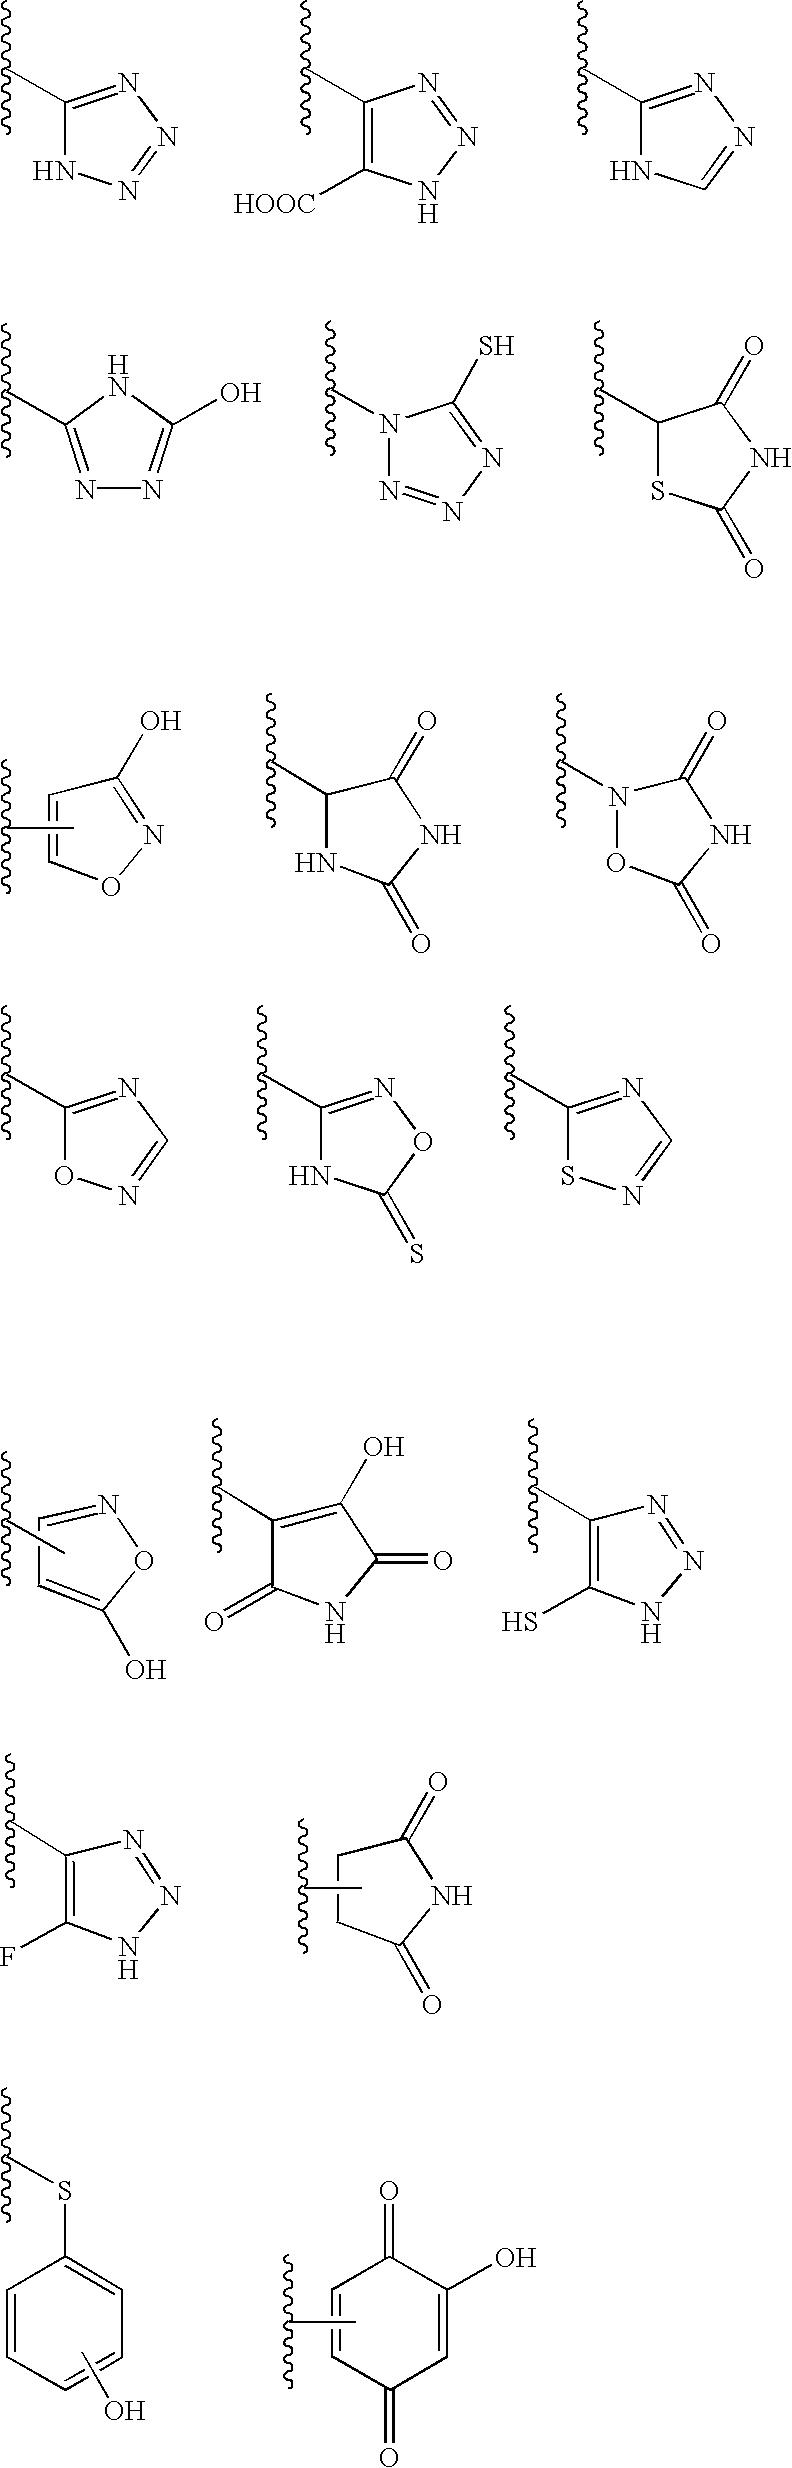 Figure US20030203890A1-20031030-C00232